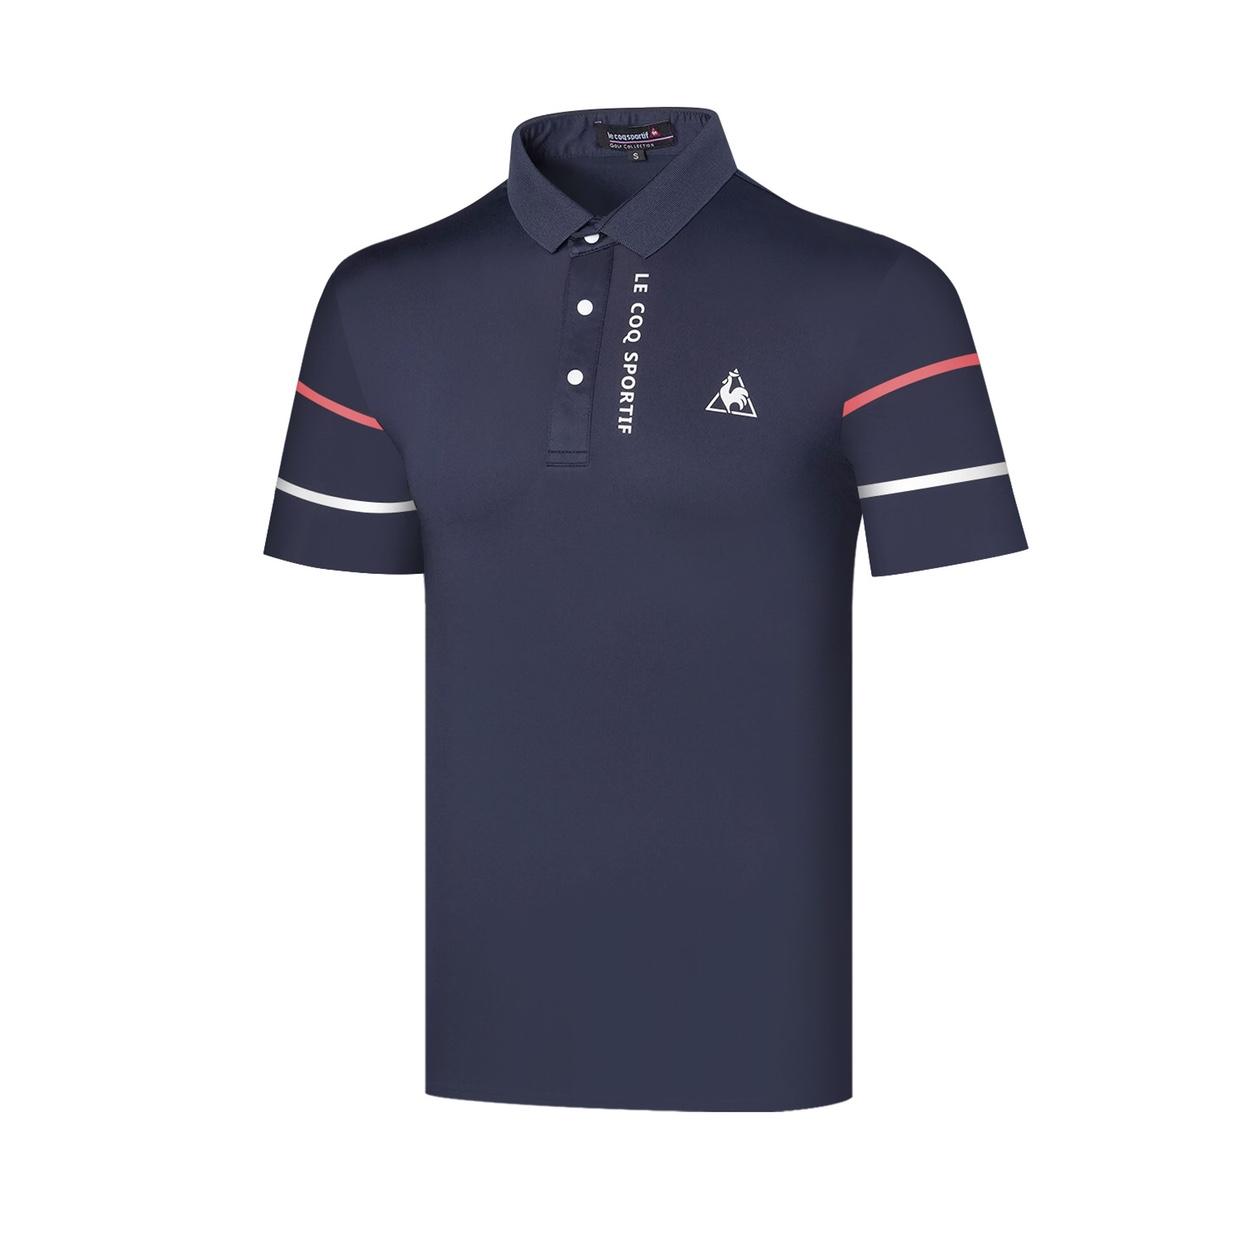 르꼬끄 남성 골프웨어 남성 여름 반팔 티셔츠 골프복